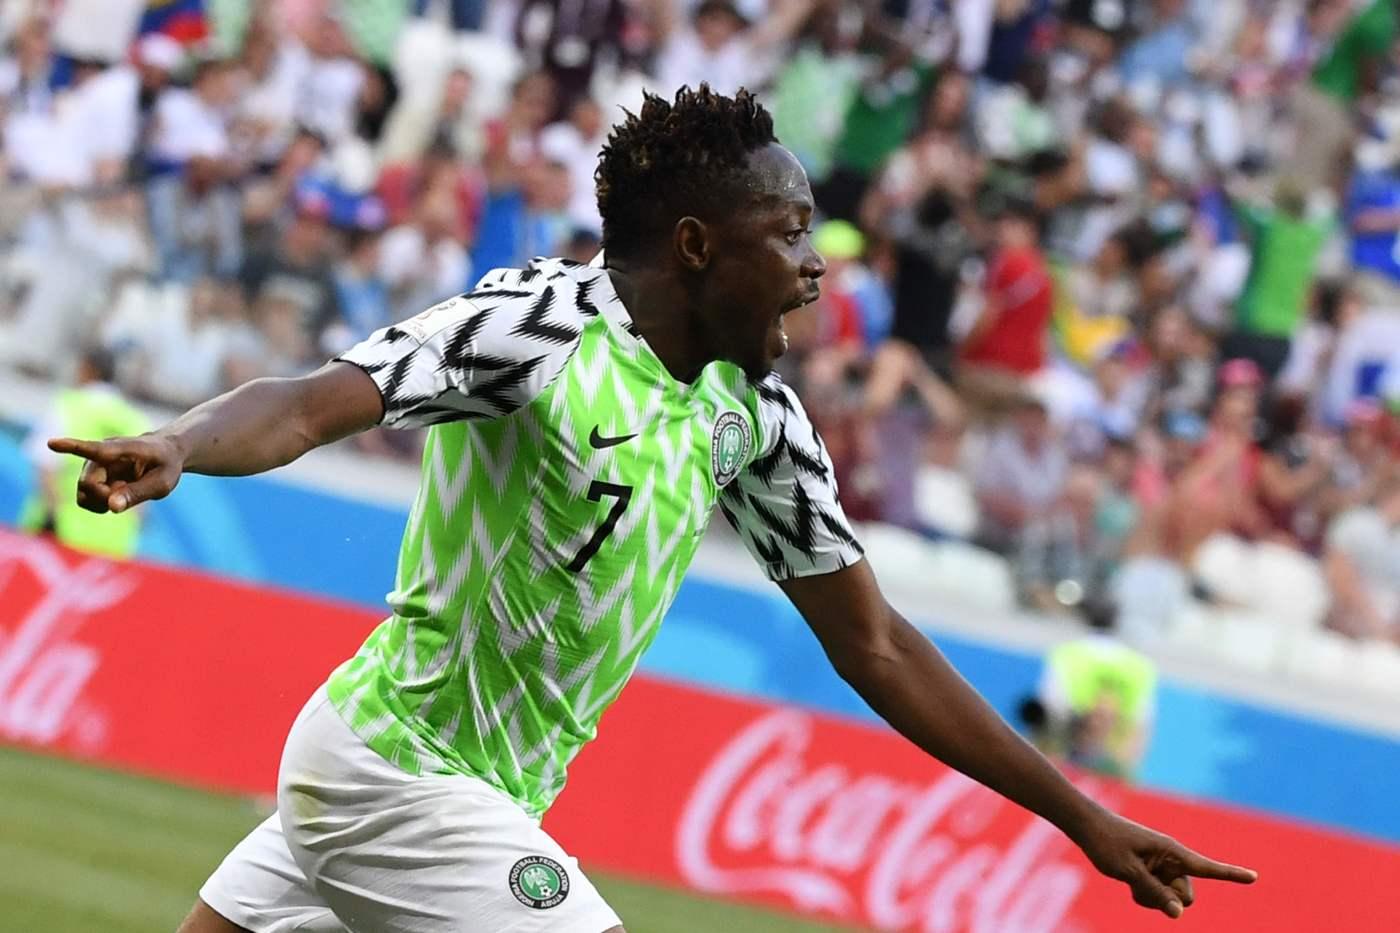 Coppa d'Africa, Nigeria-Burundi sabato 22 giugno: analisi e pronostico della prima giornata del gruppo B del torneo continentale